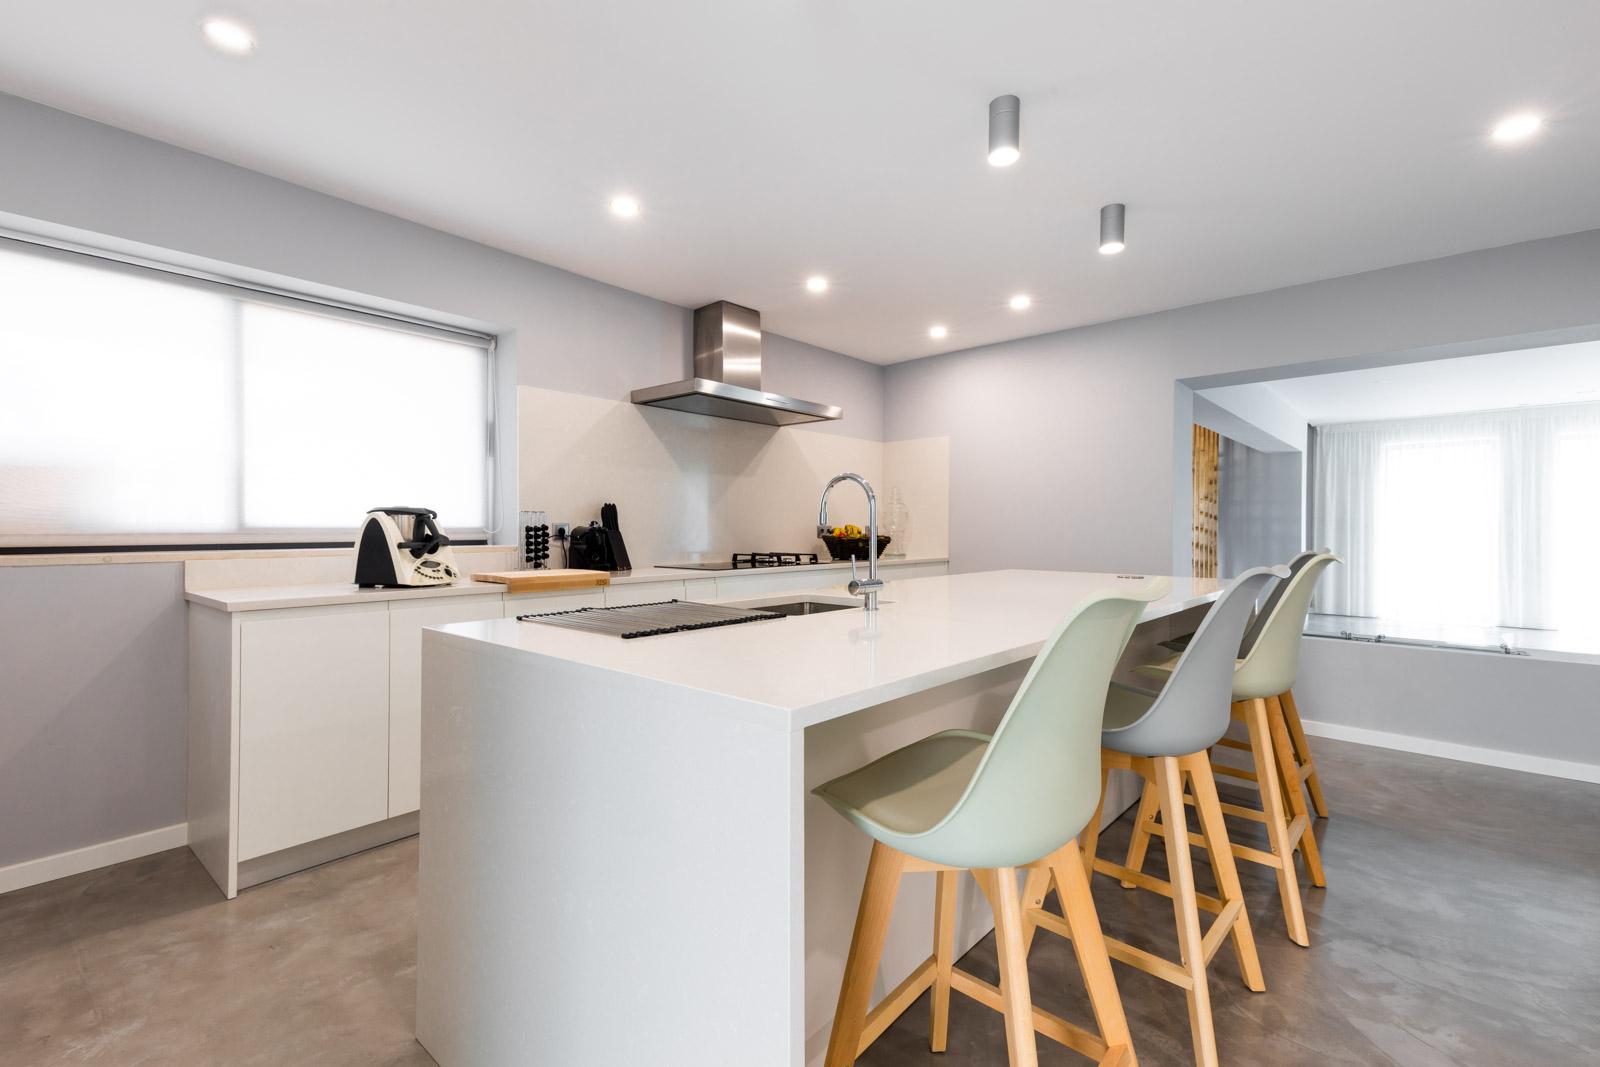 Cozinha moderna com ilha, com frentes em lacado branco mate sem puxadores, com bancada e forro de parede em Silestone Yukon